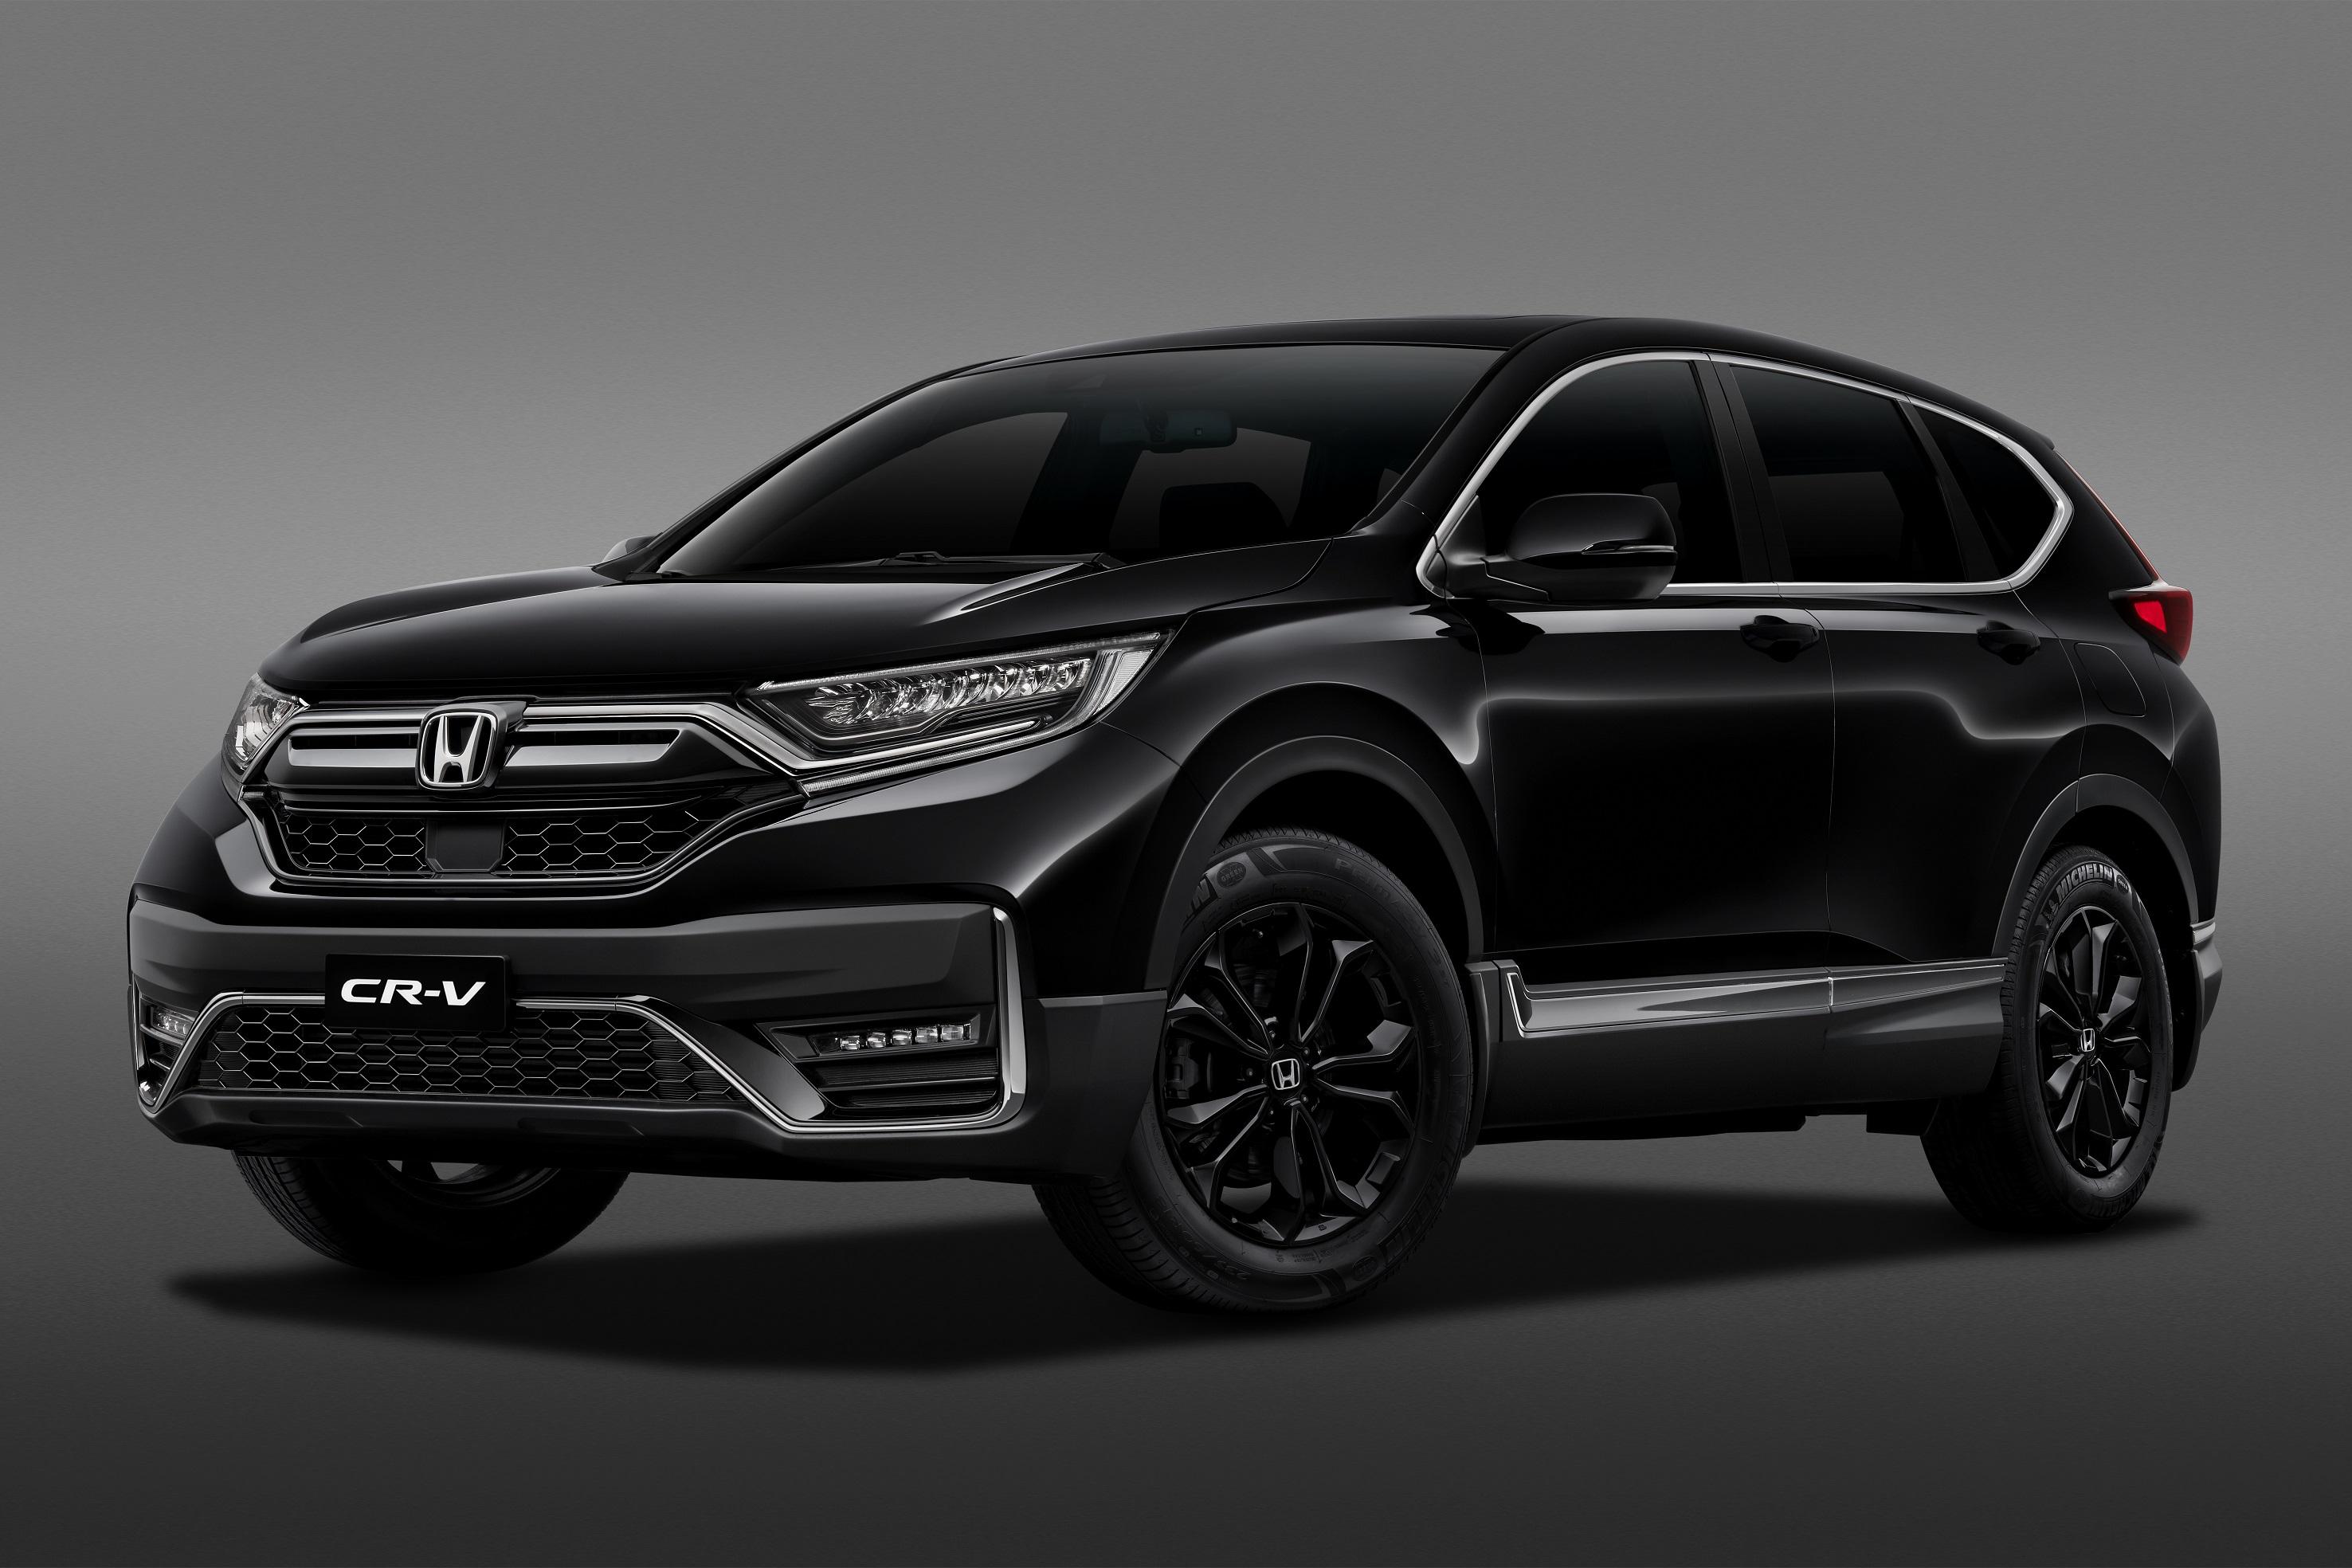 Honda CR-V phiên bản đặc biệt ra mắt tại Việt Nam, giá 1,138 tỷ honda-cr-v-4.jpg